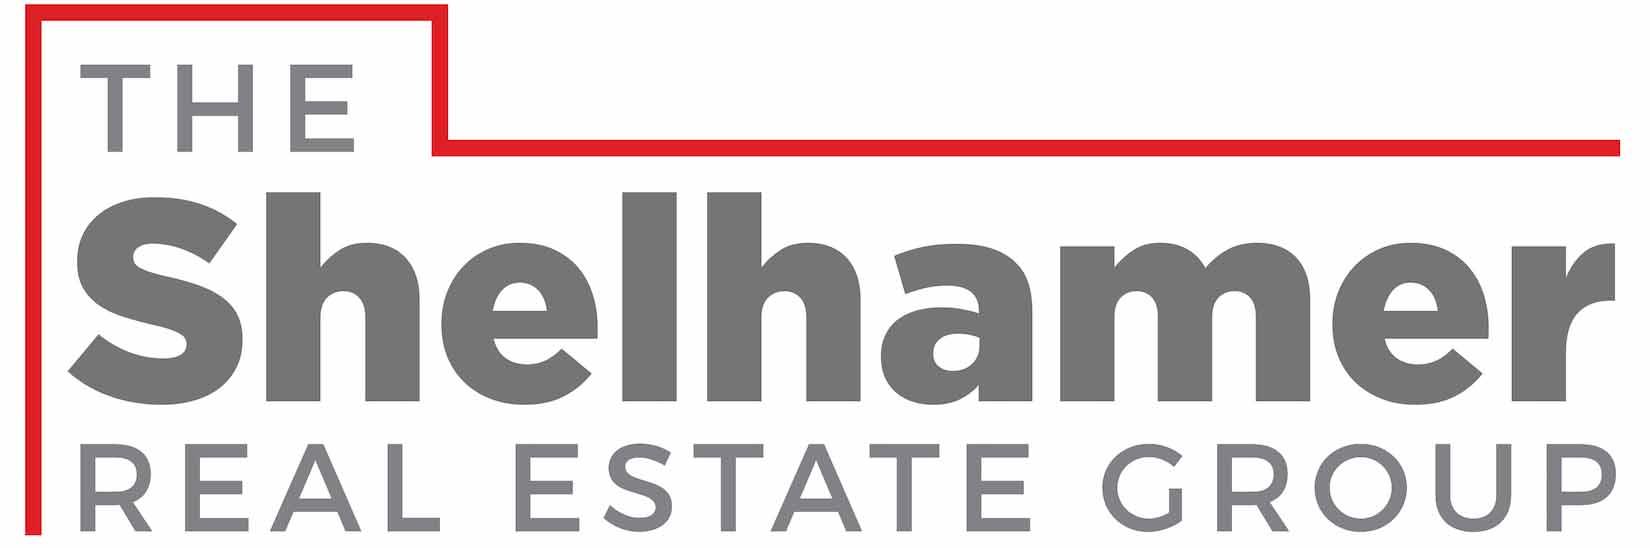 Top 5 DTLA Homebuyer Mistakes | DTLA Lofts for sale Best Realtor Glenn Shelhamer | Best Realtor Glenn Shelhamer